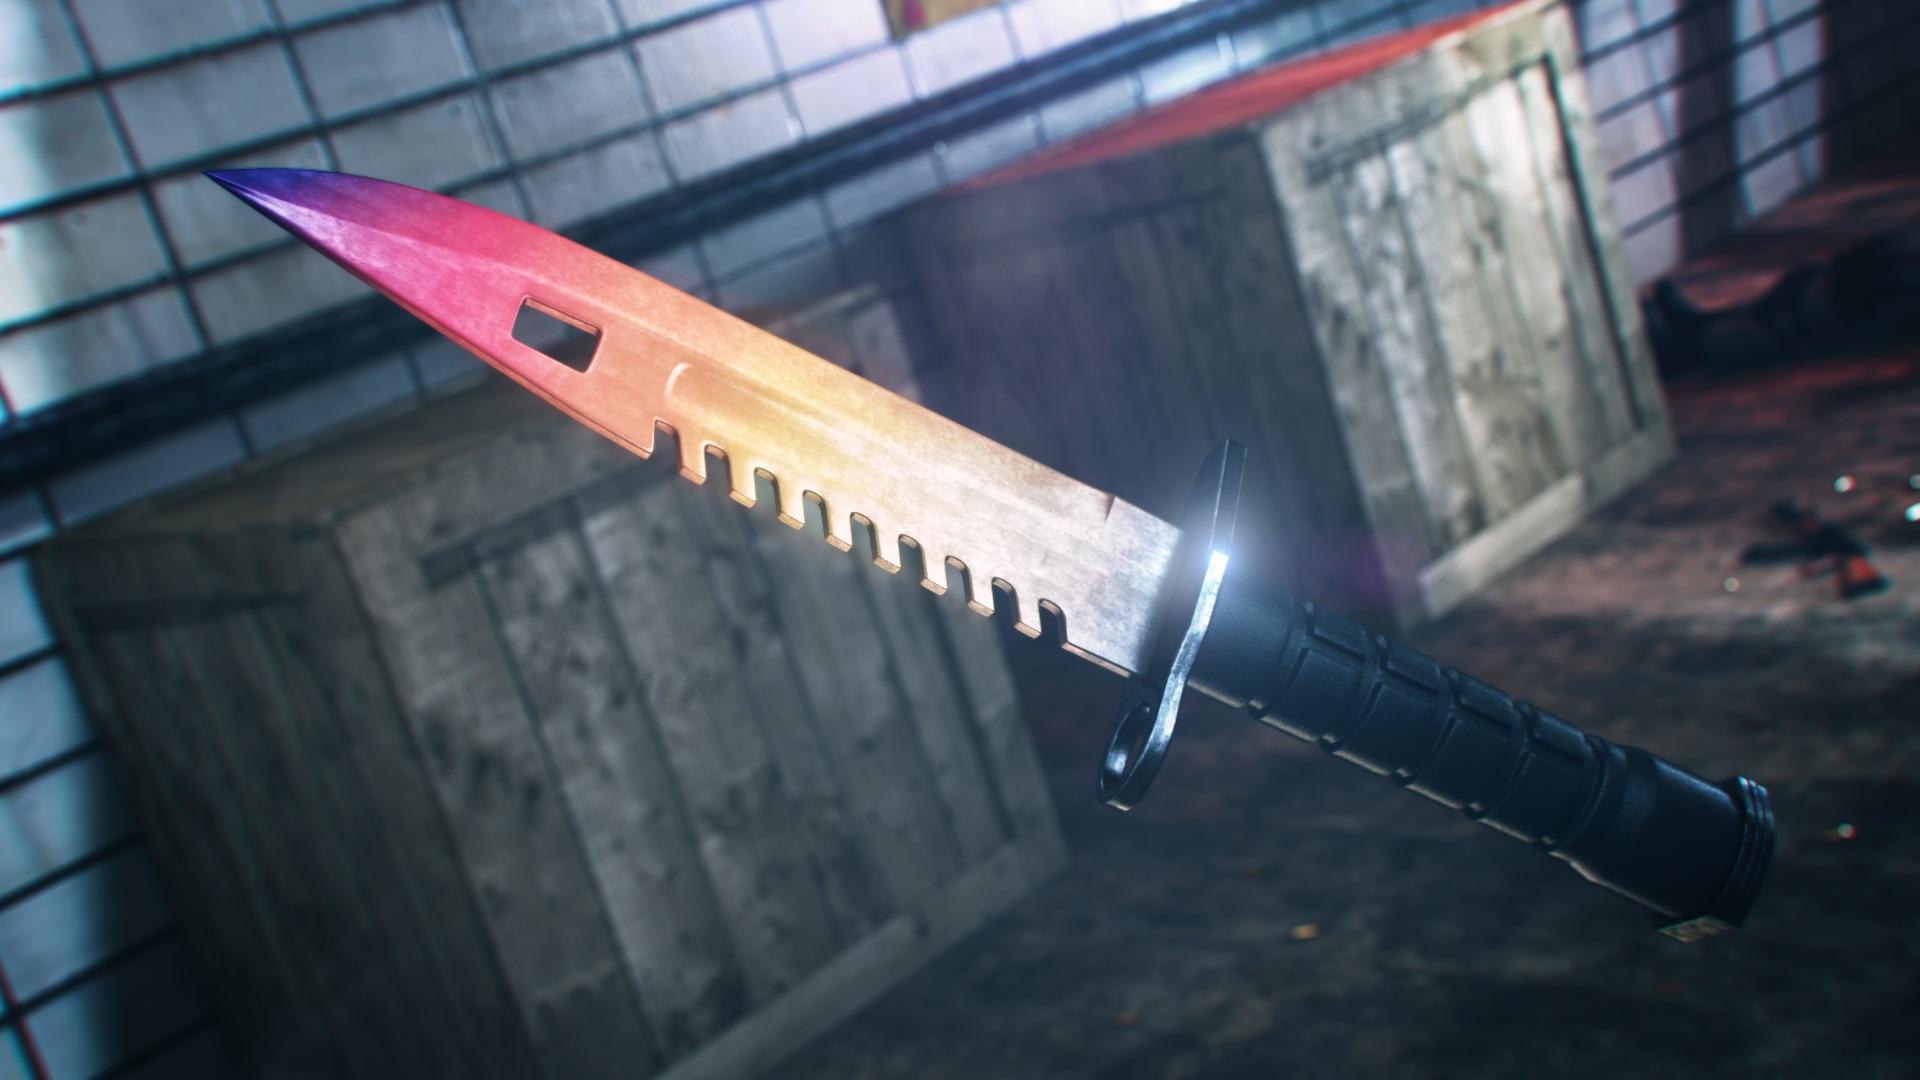 CS GO Bıçak Çalan Hırsıza 8 Yıl Hapis Cezası